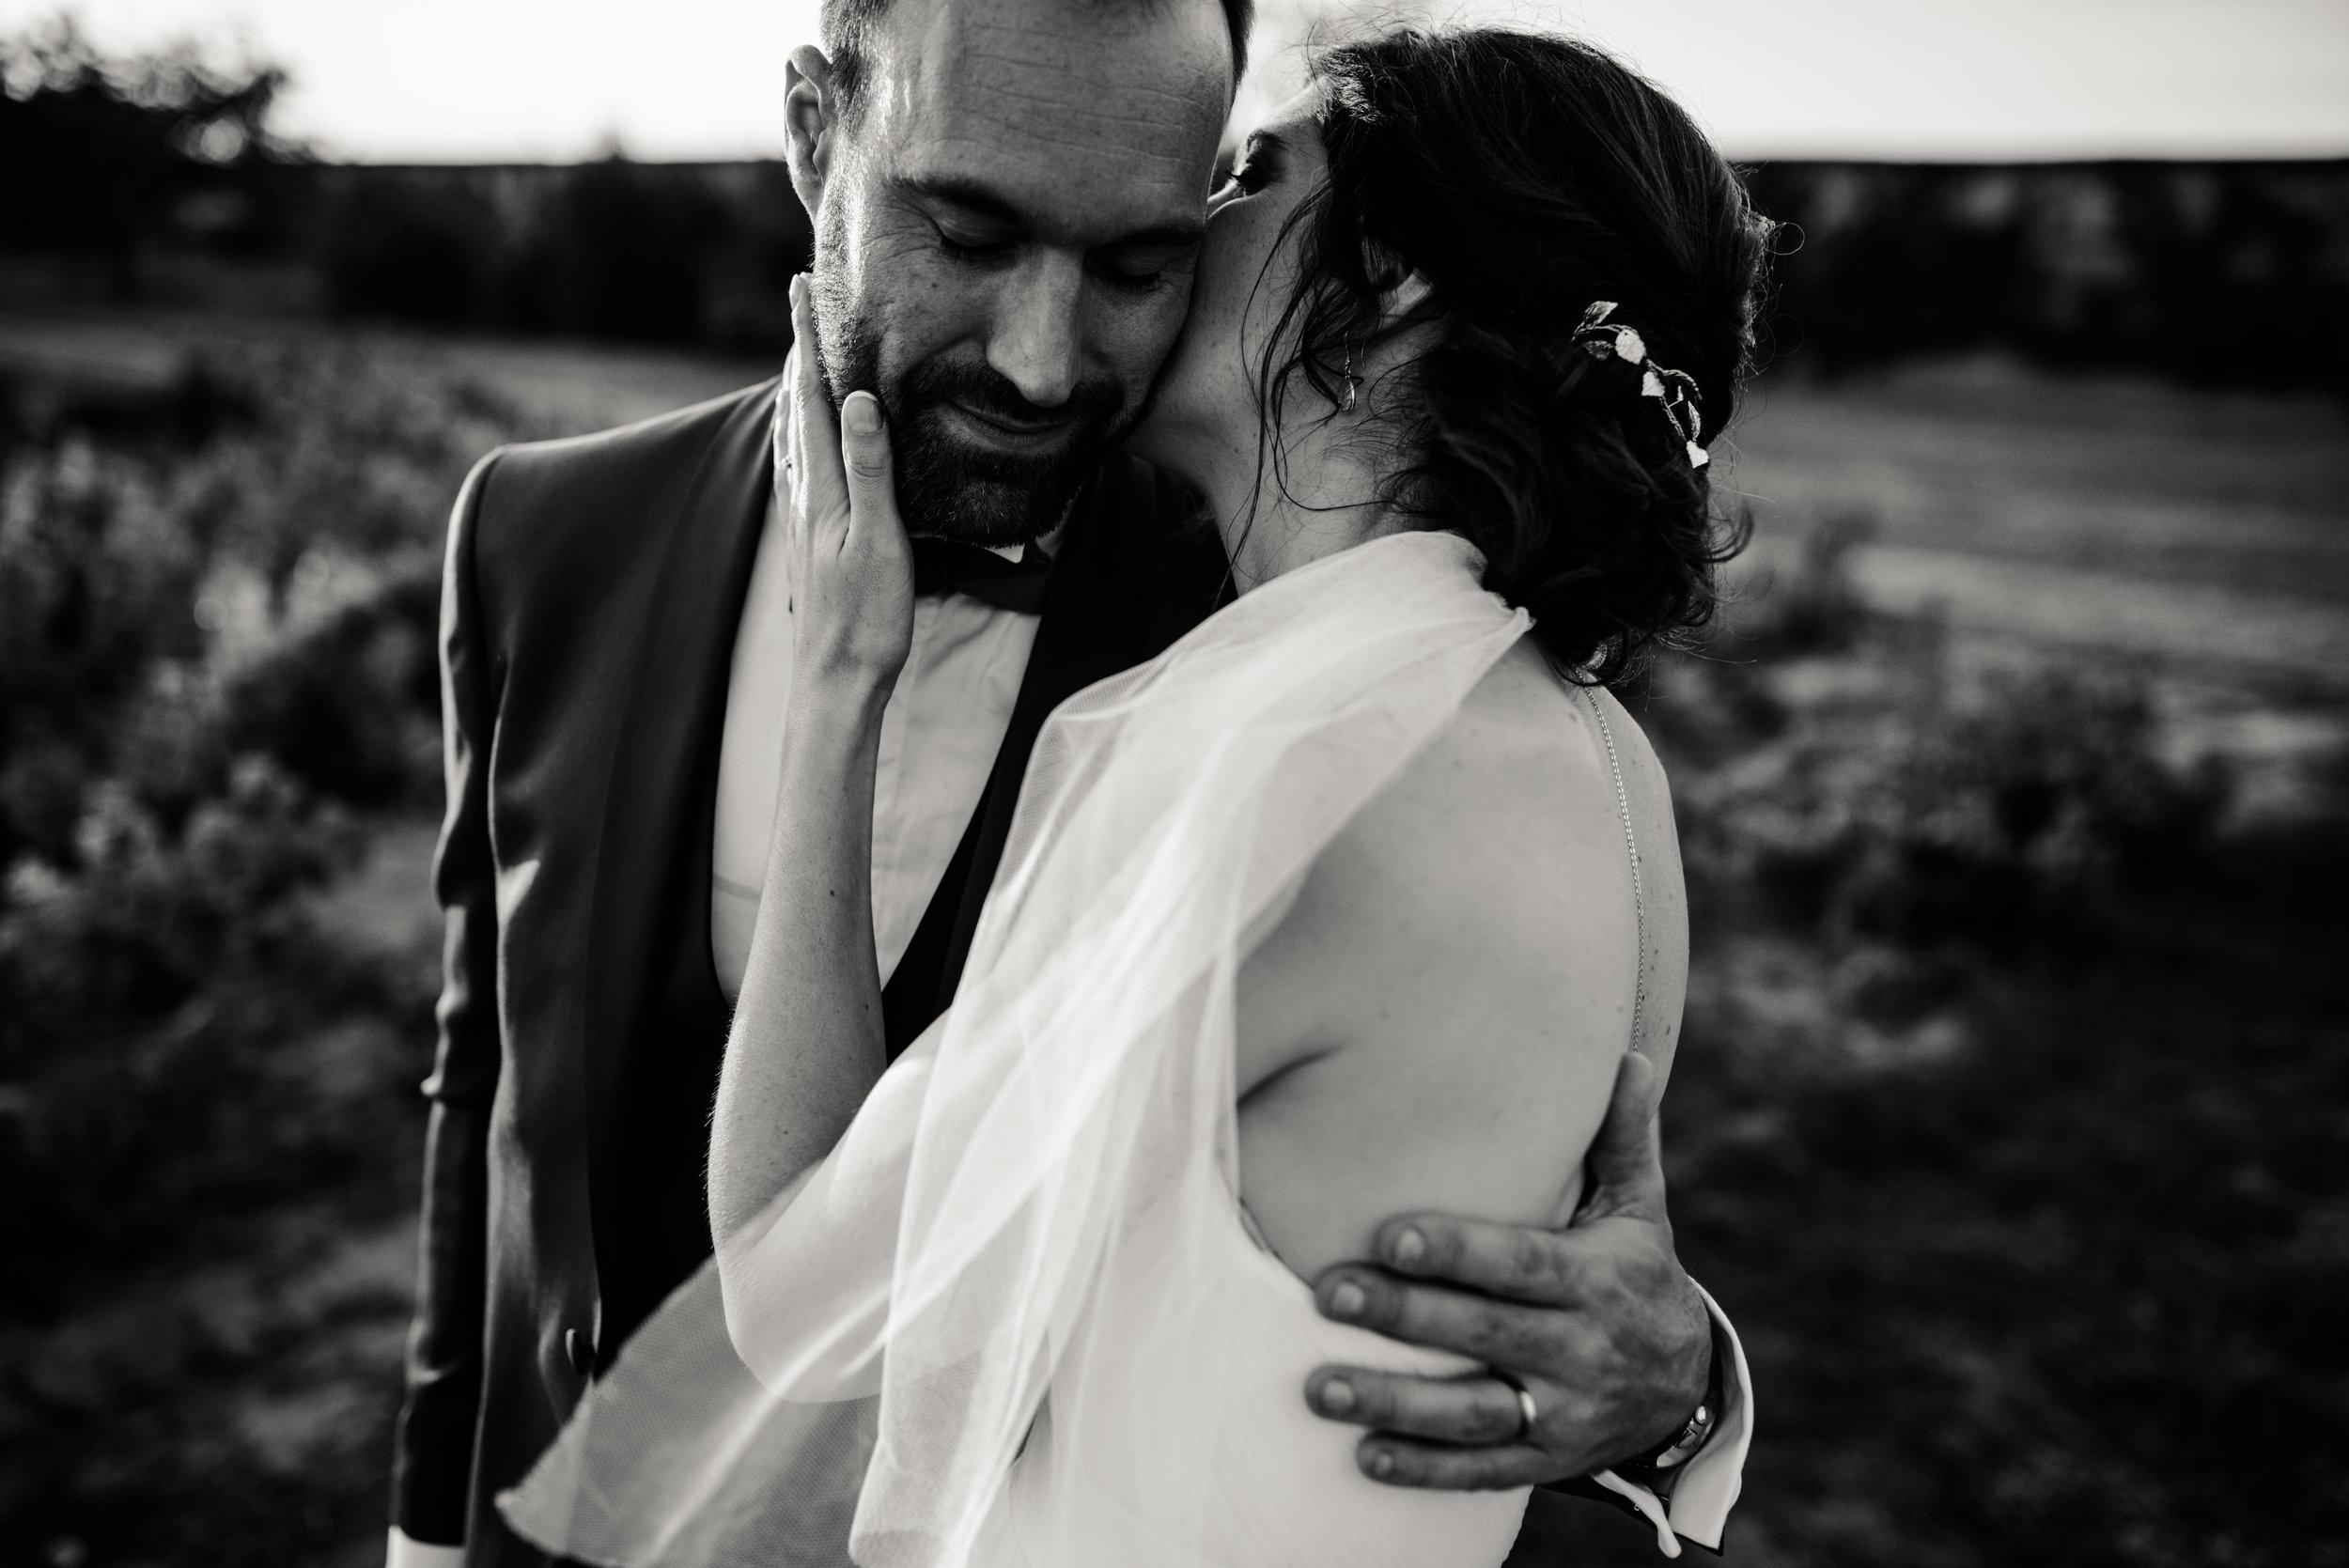 Léa-Fery-photographe-professionnel-lyon-rhone-alpes-portrait-creation-mariage-evenement-evenementiel-famille--140.jpg